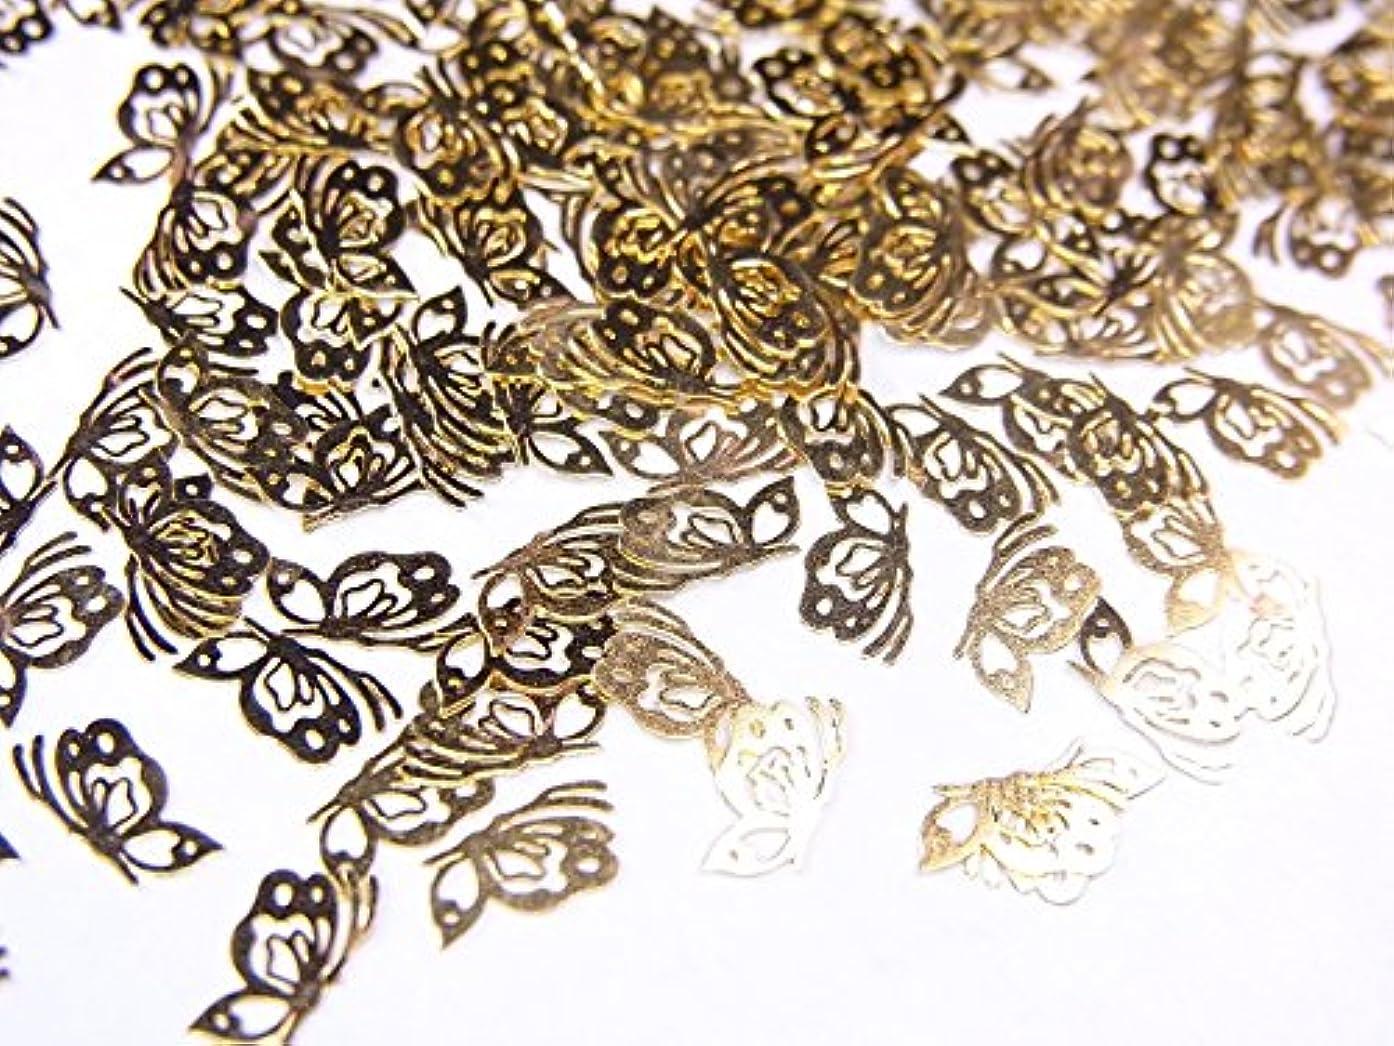 悪の避難するしばしば【jewel】薄型ネイルパーツ ゴールド 蝶蝶10個